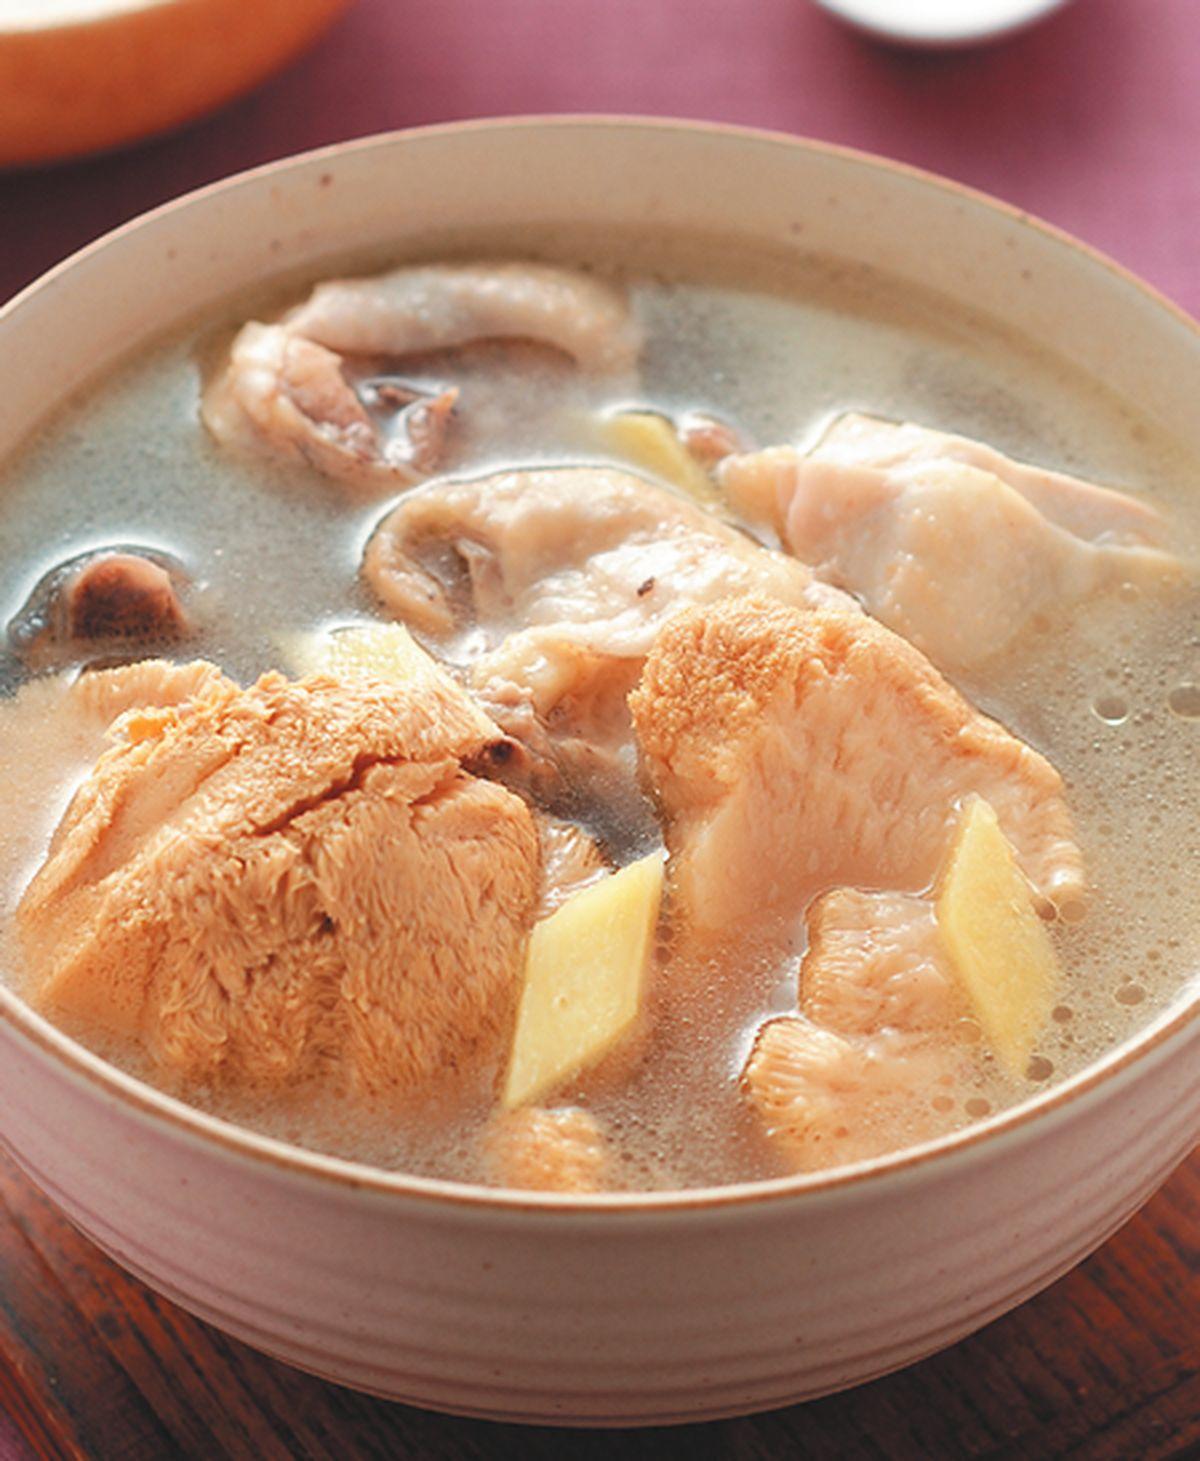 食譜:猴頭菇煲雞湯